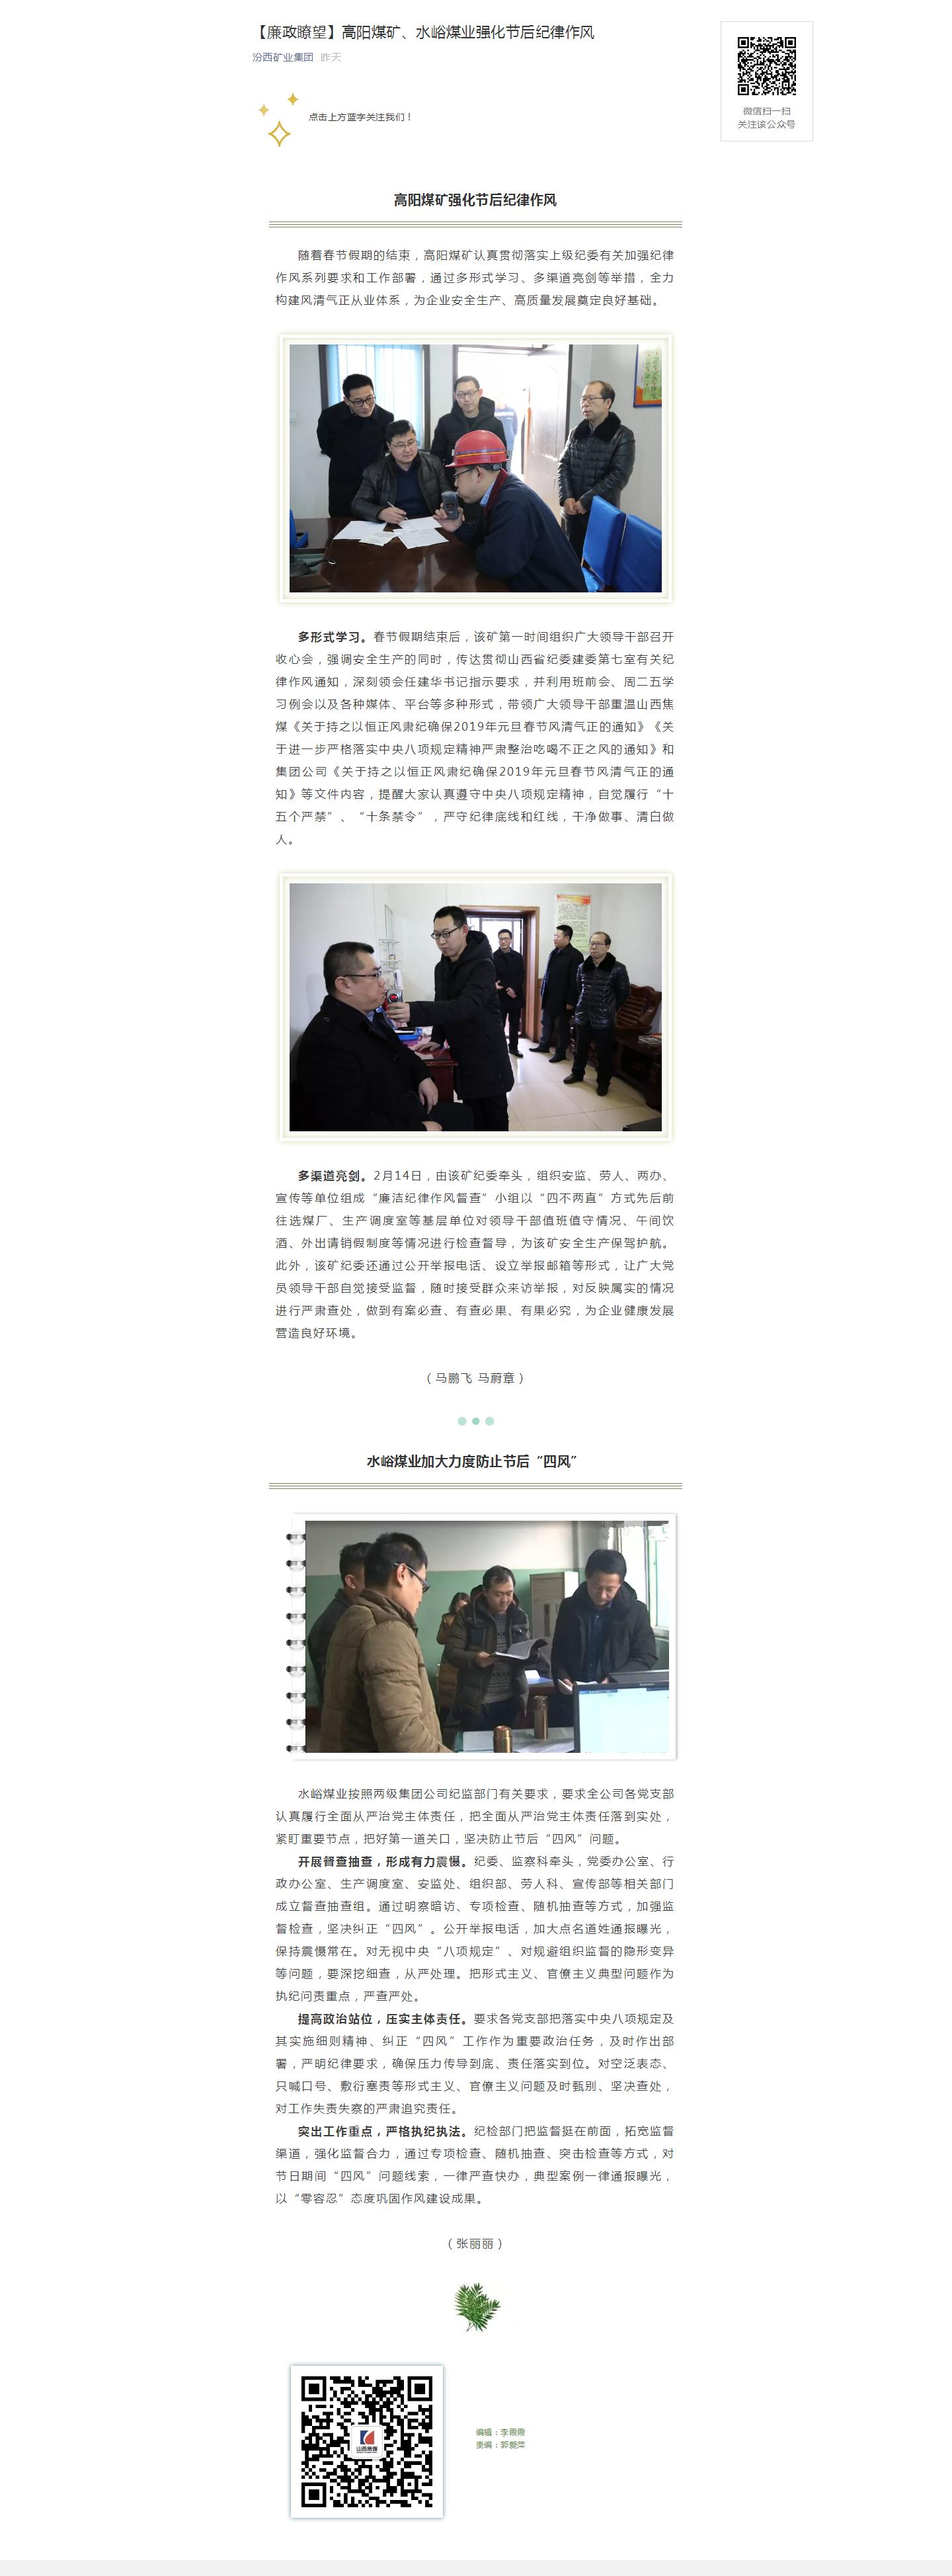 【廉政瞭望】高阳煤矿、水峪煤业强化节后纪律作风.png